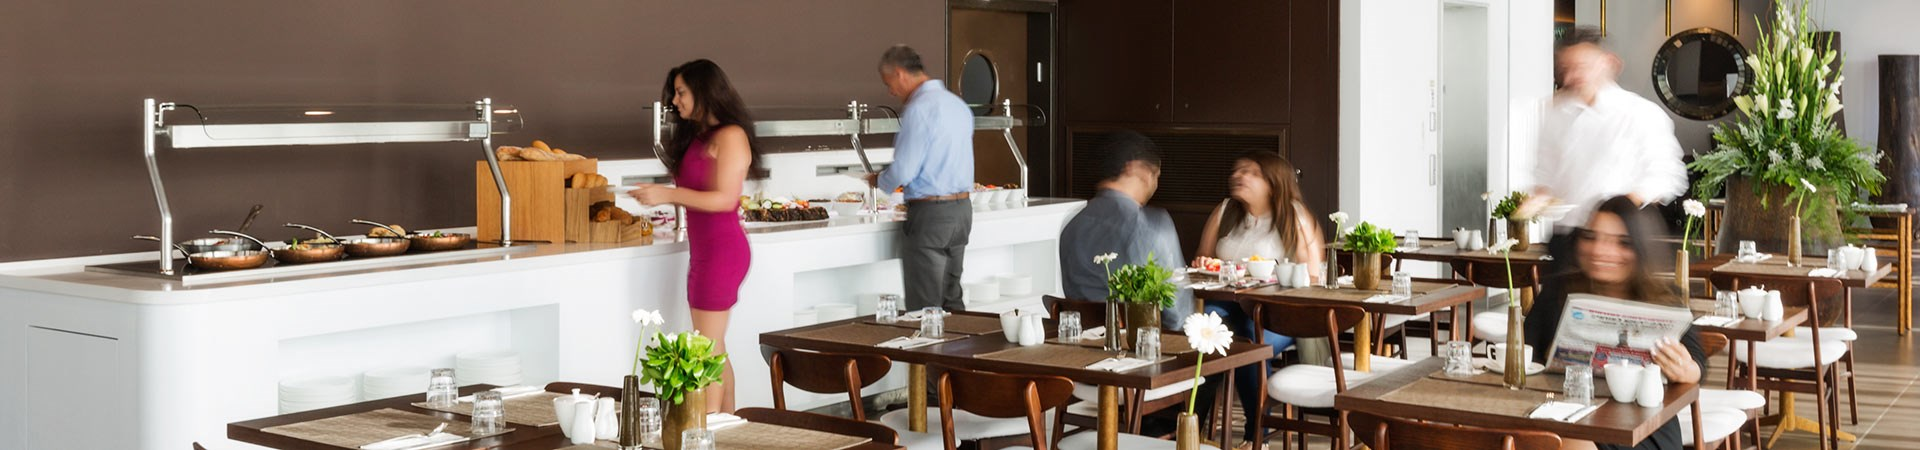 פרימה לינק - חדר אוכל